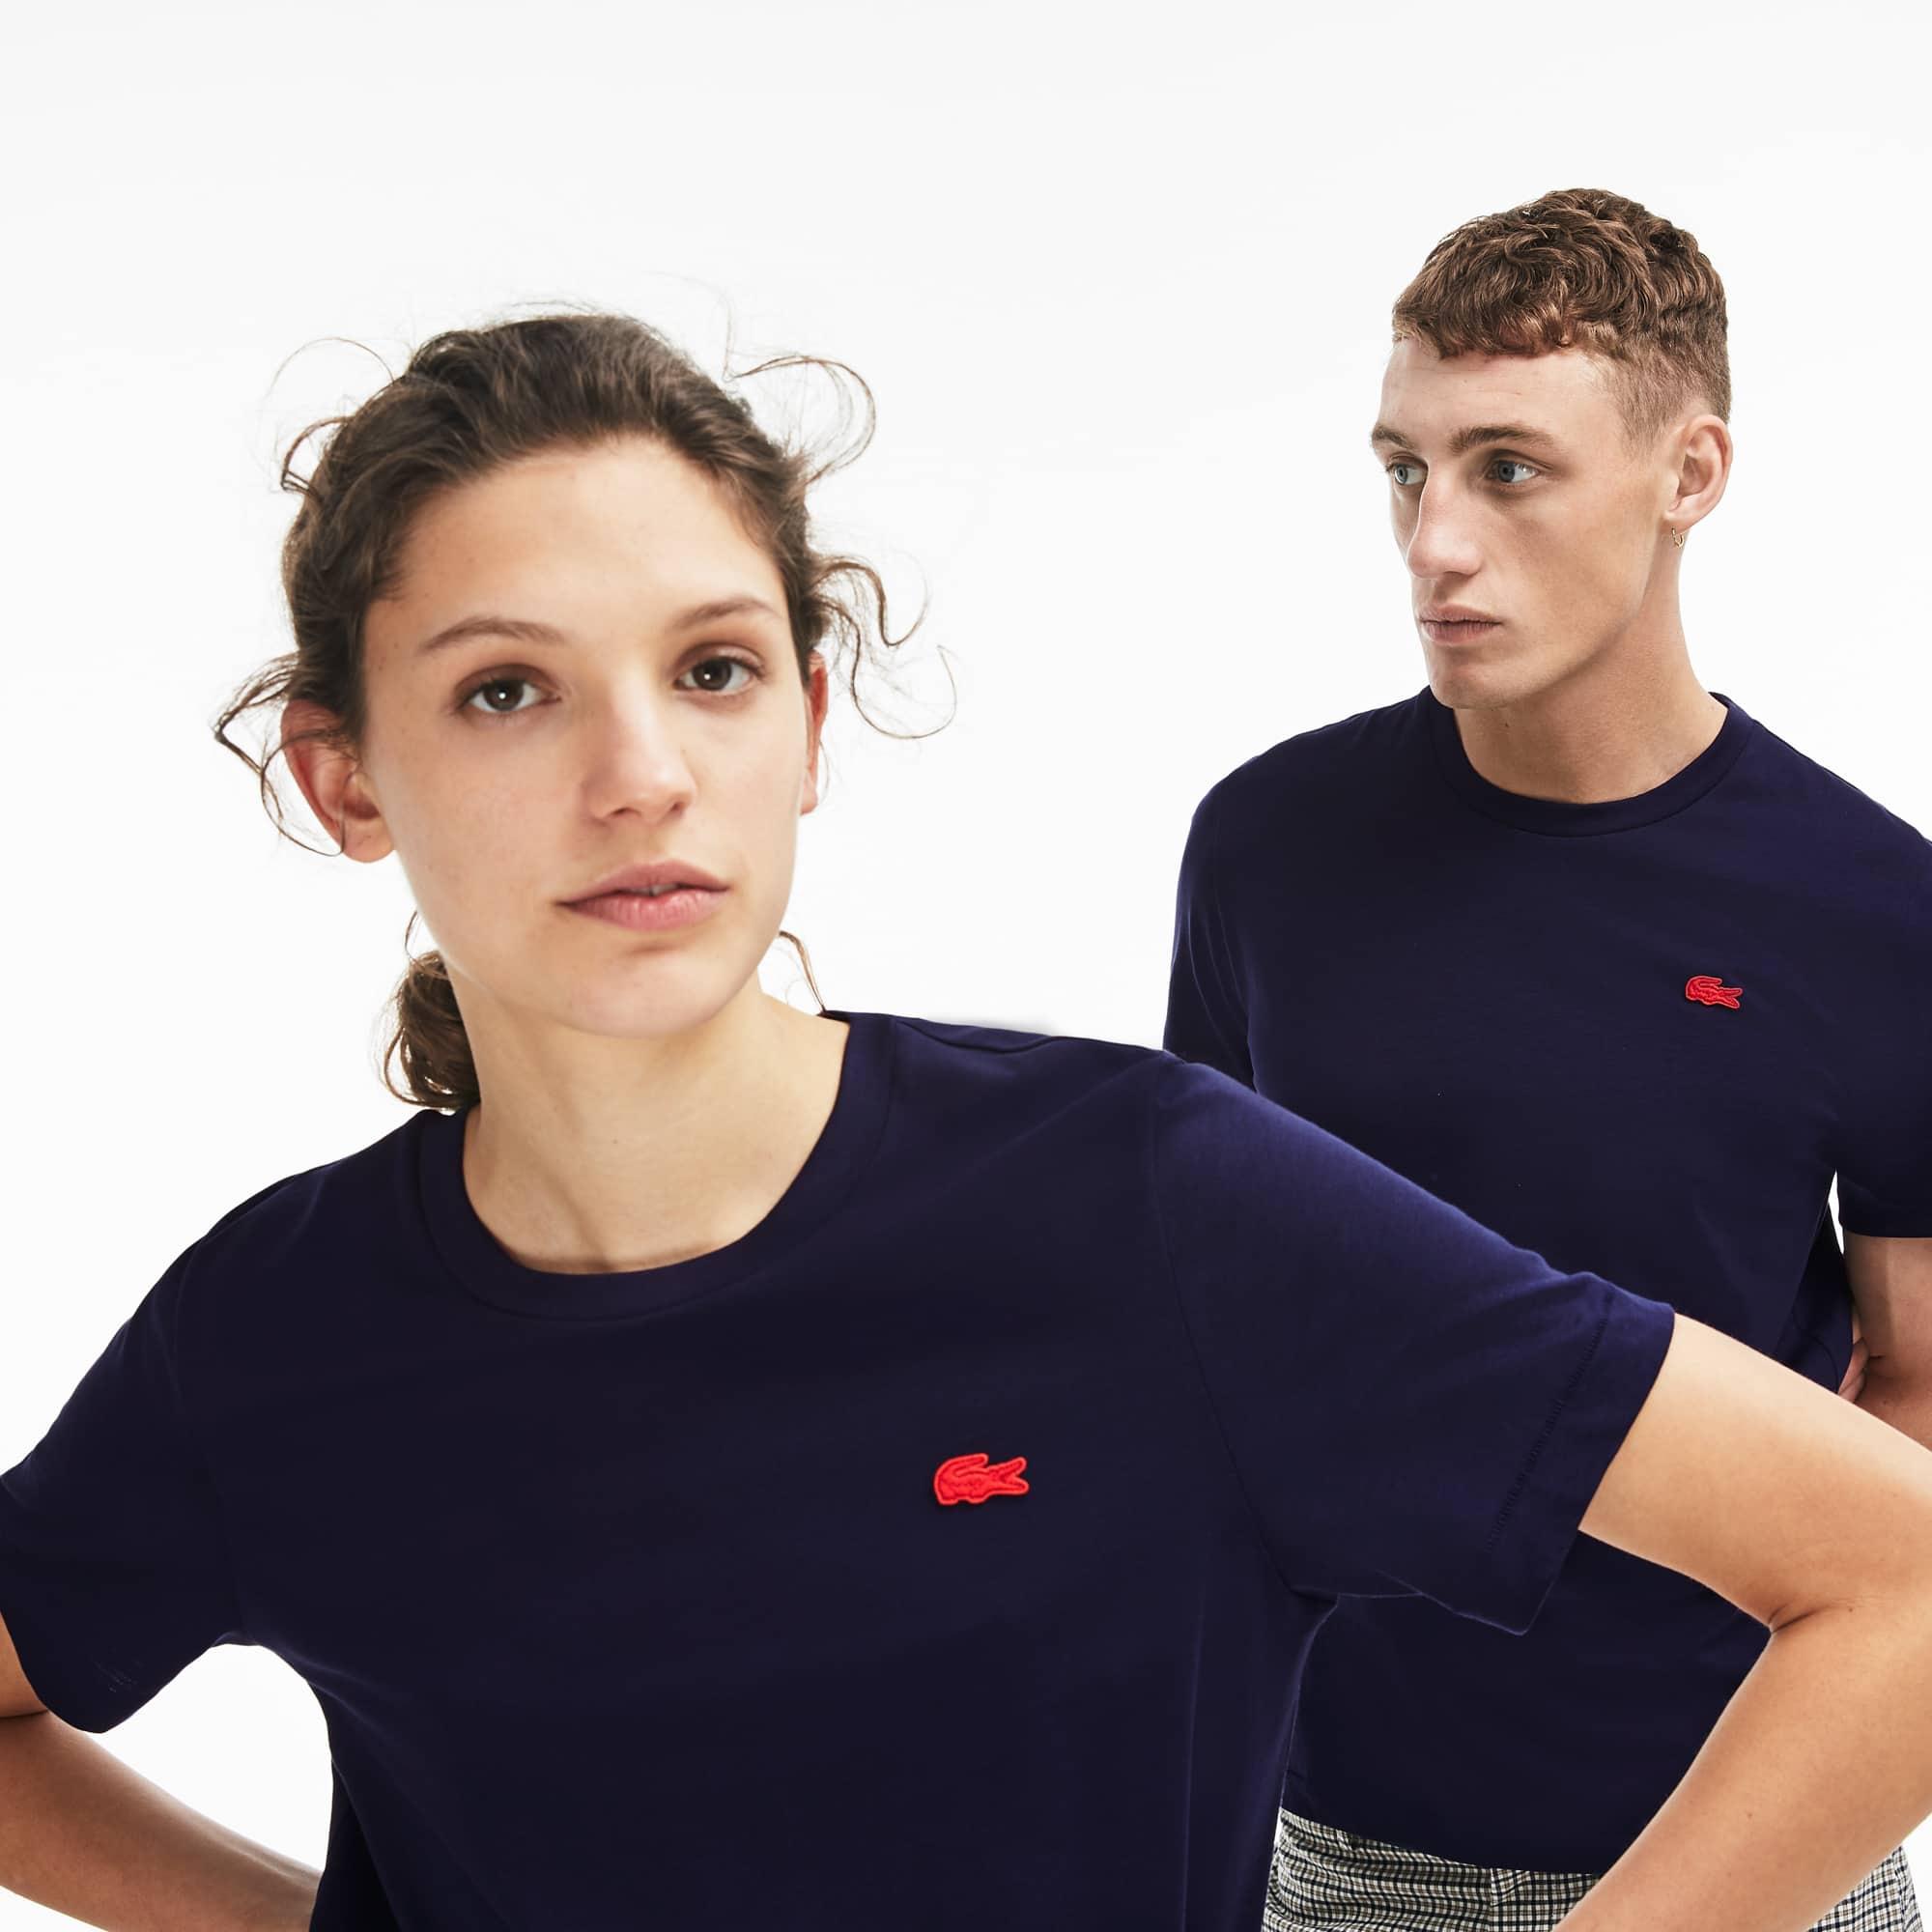 Unisex-Rundhals-Shirt aus Baumwolljersey LACOSTE L!VE